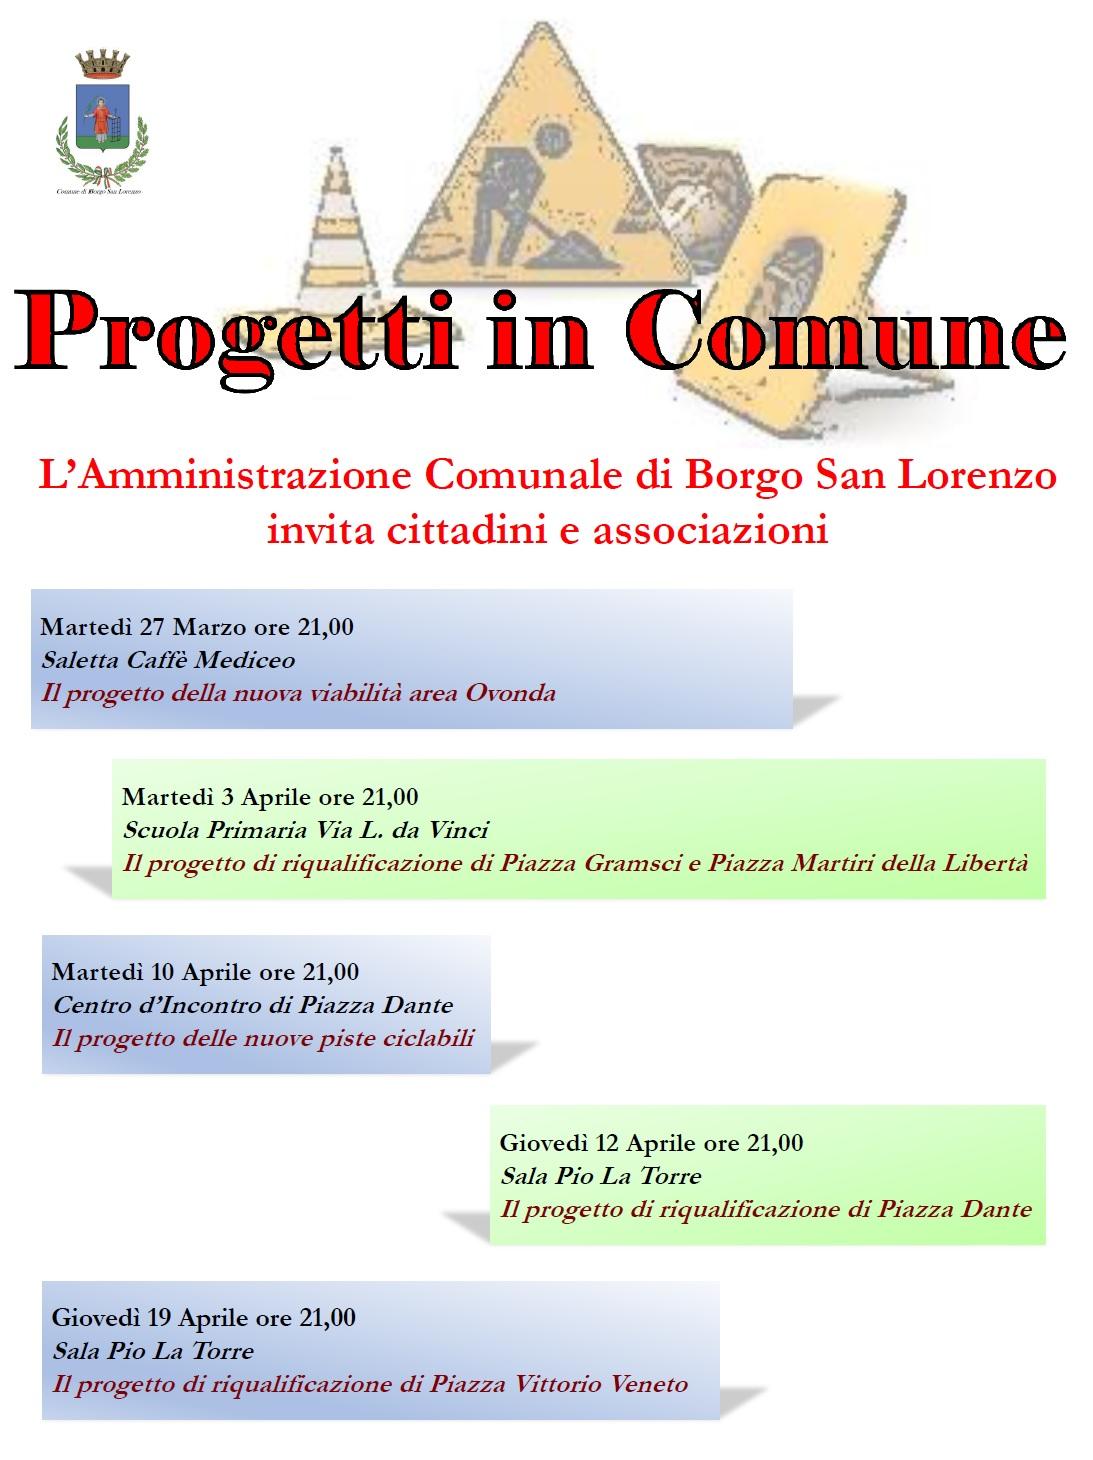 Percorso partecipativo Borgo San Lorenzo, prossimo evento martedì ore 21.00 al Centro d'Incontro